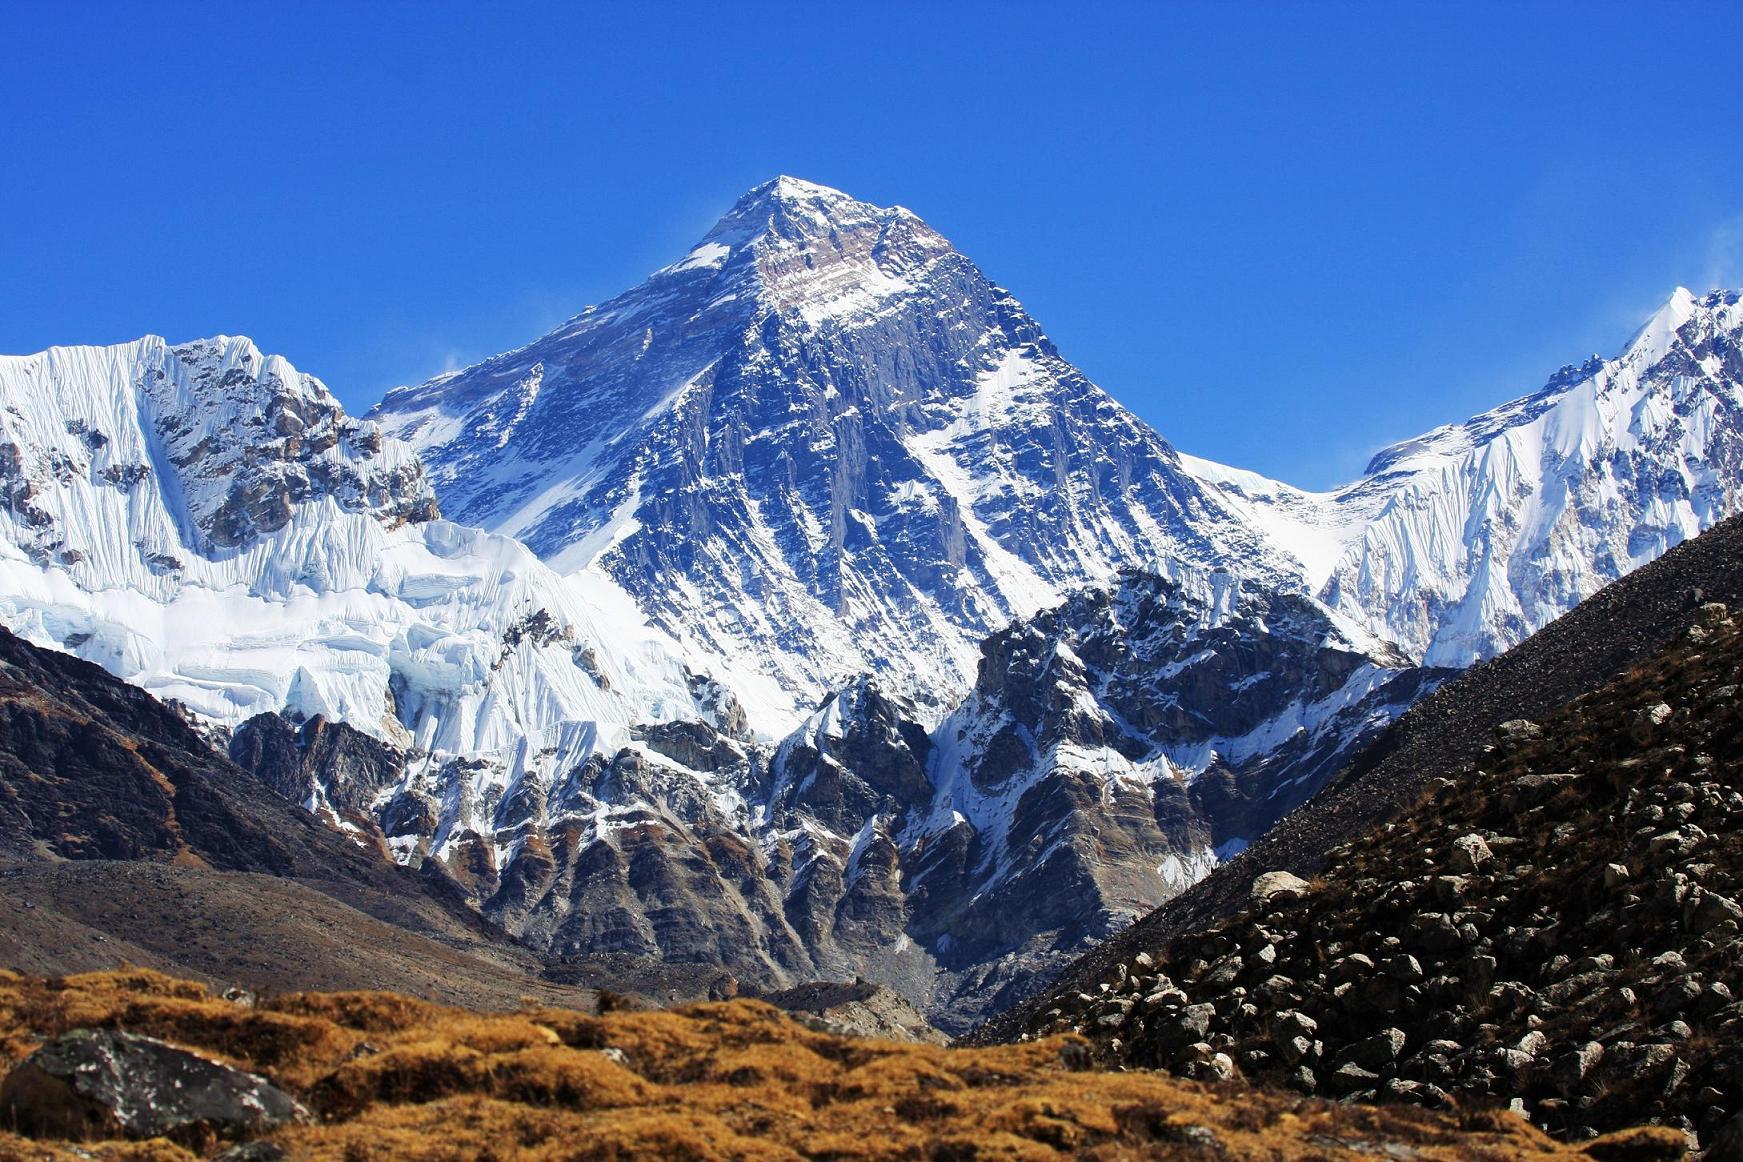 Khám phá Nepal - miền đất thú vị ít ai biết - Ảnh 2